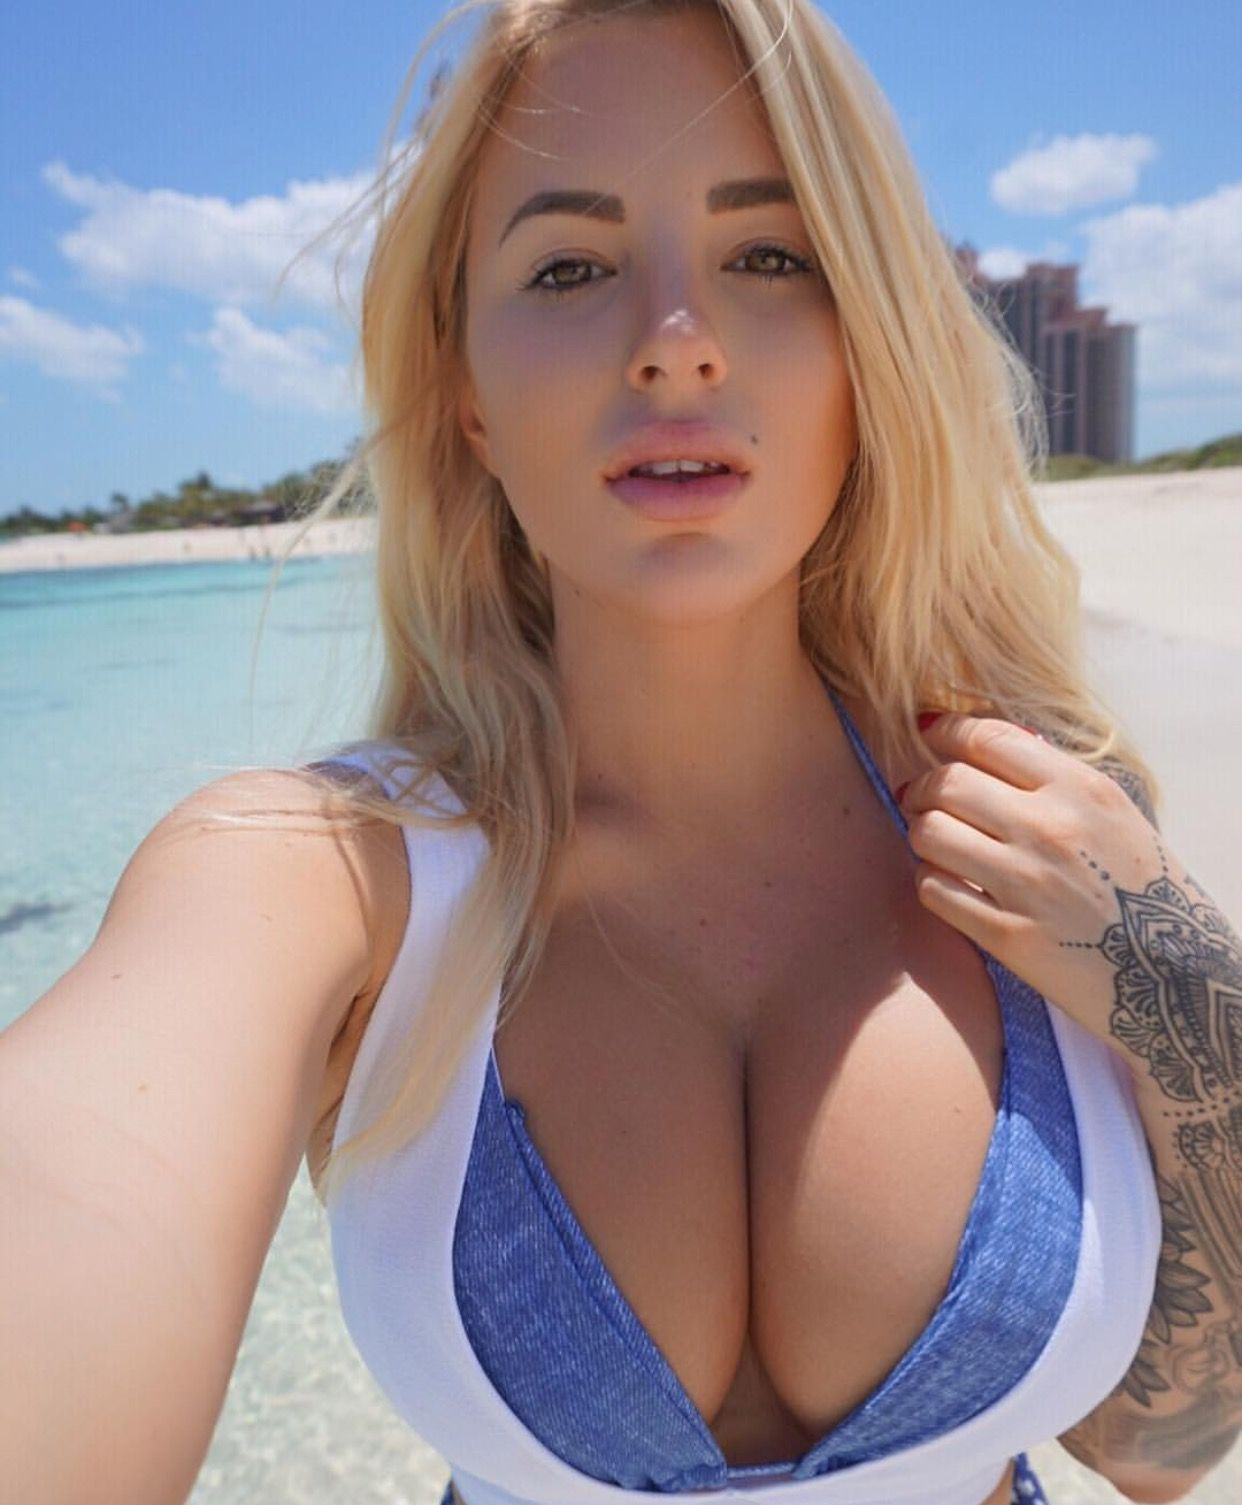 big perky breasts 3